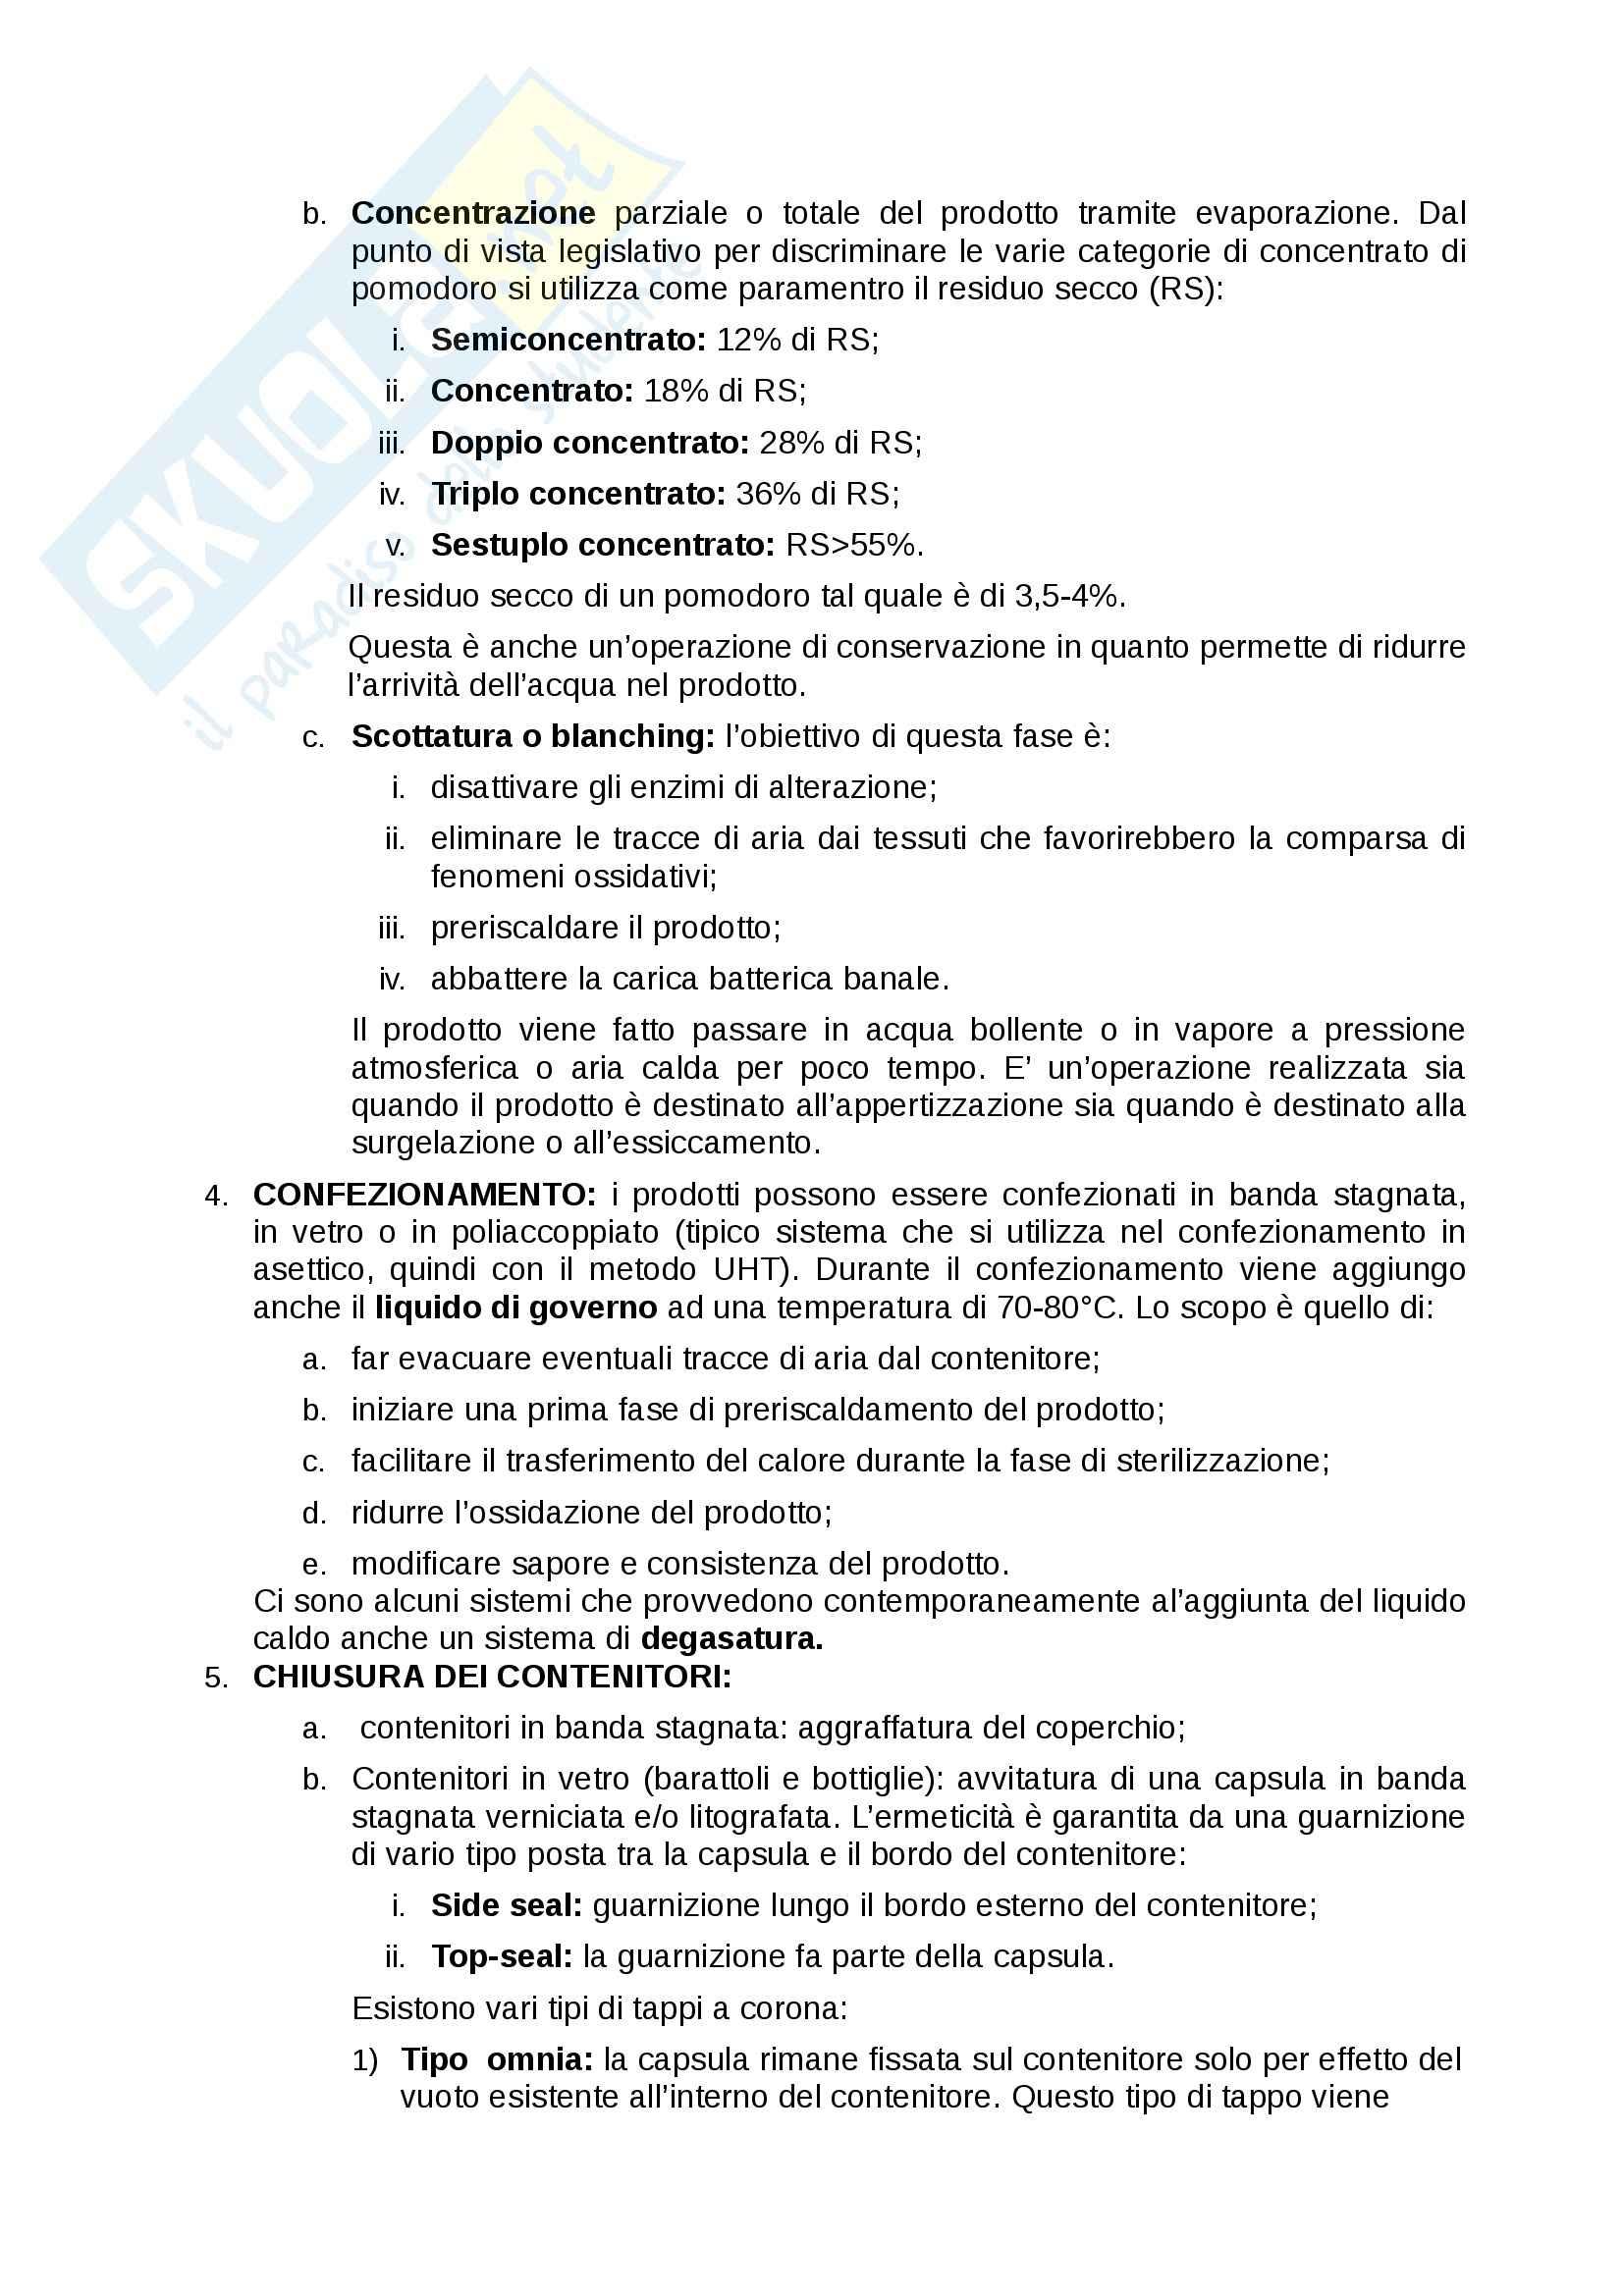 Processi delle industrie alimentari - conserve di pomodoro Pag. 2